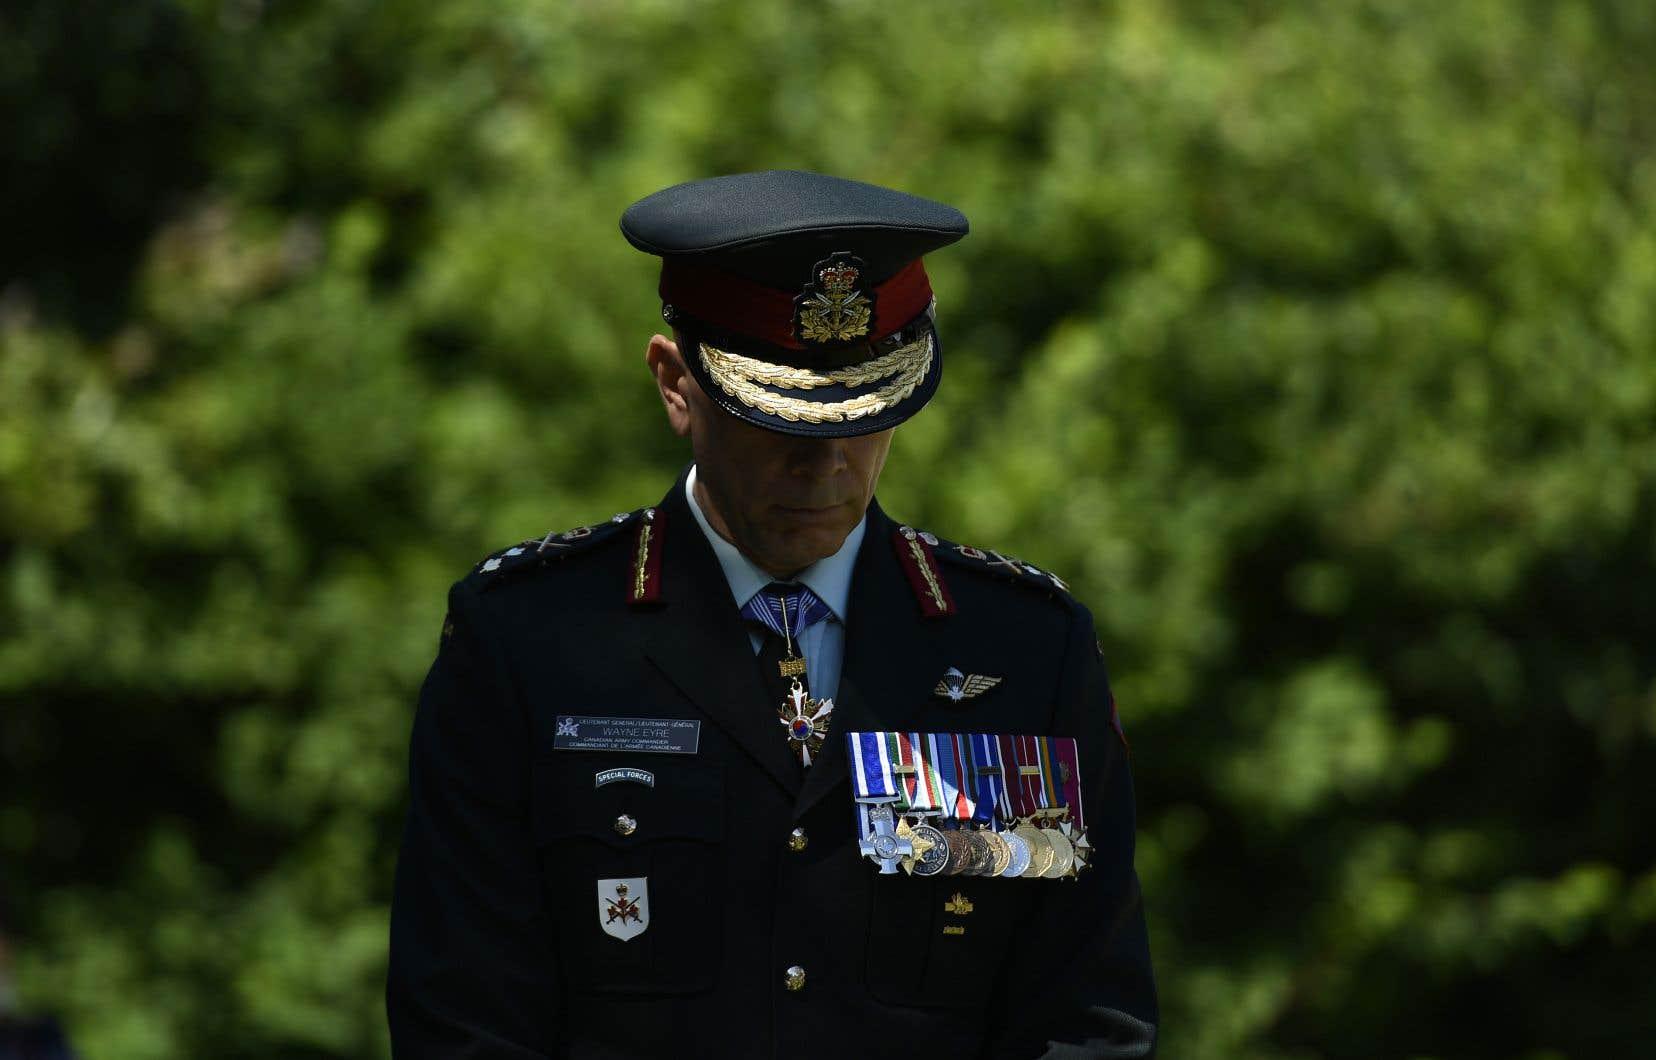 «Aucun de nous ne devrait jamais tolérer ou appuyer des comportements ou des attitudes qui minent au bien-être des gens», a écrit le lieutenant général Wayne Eyre.